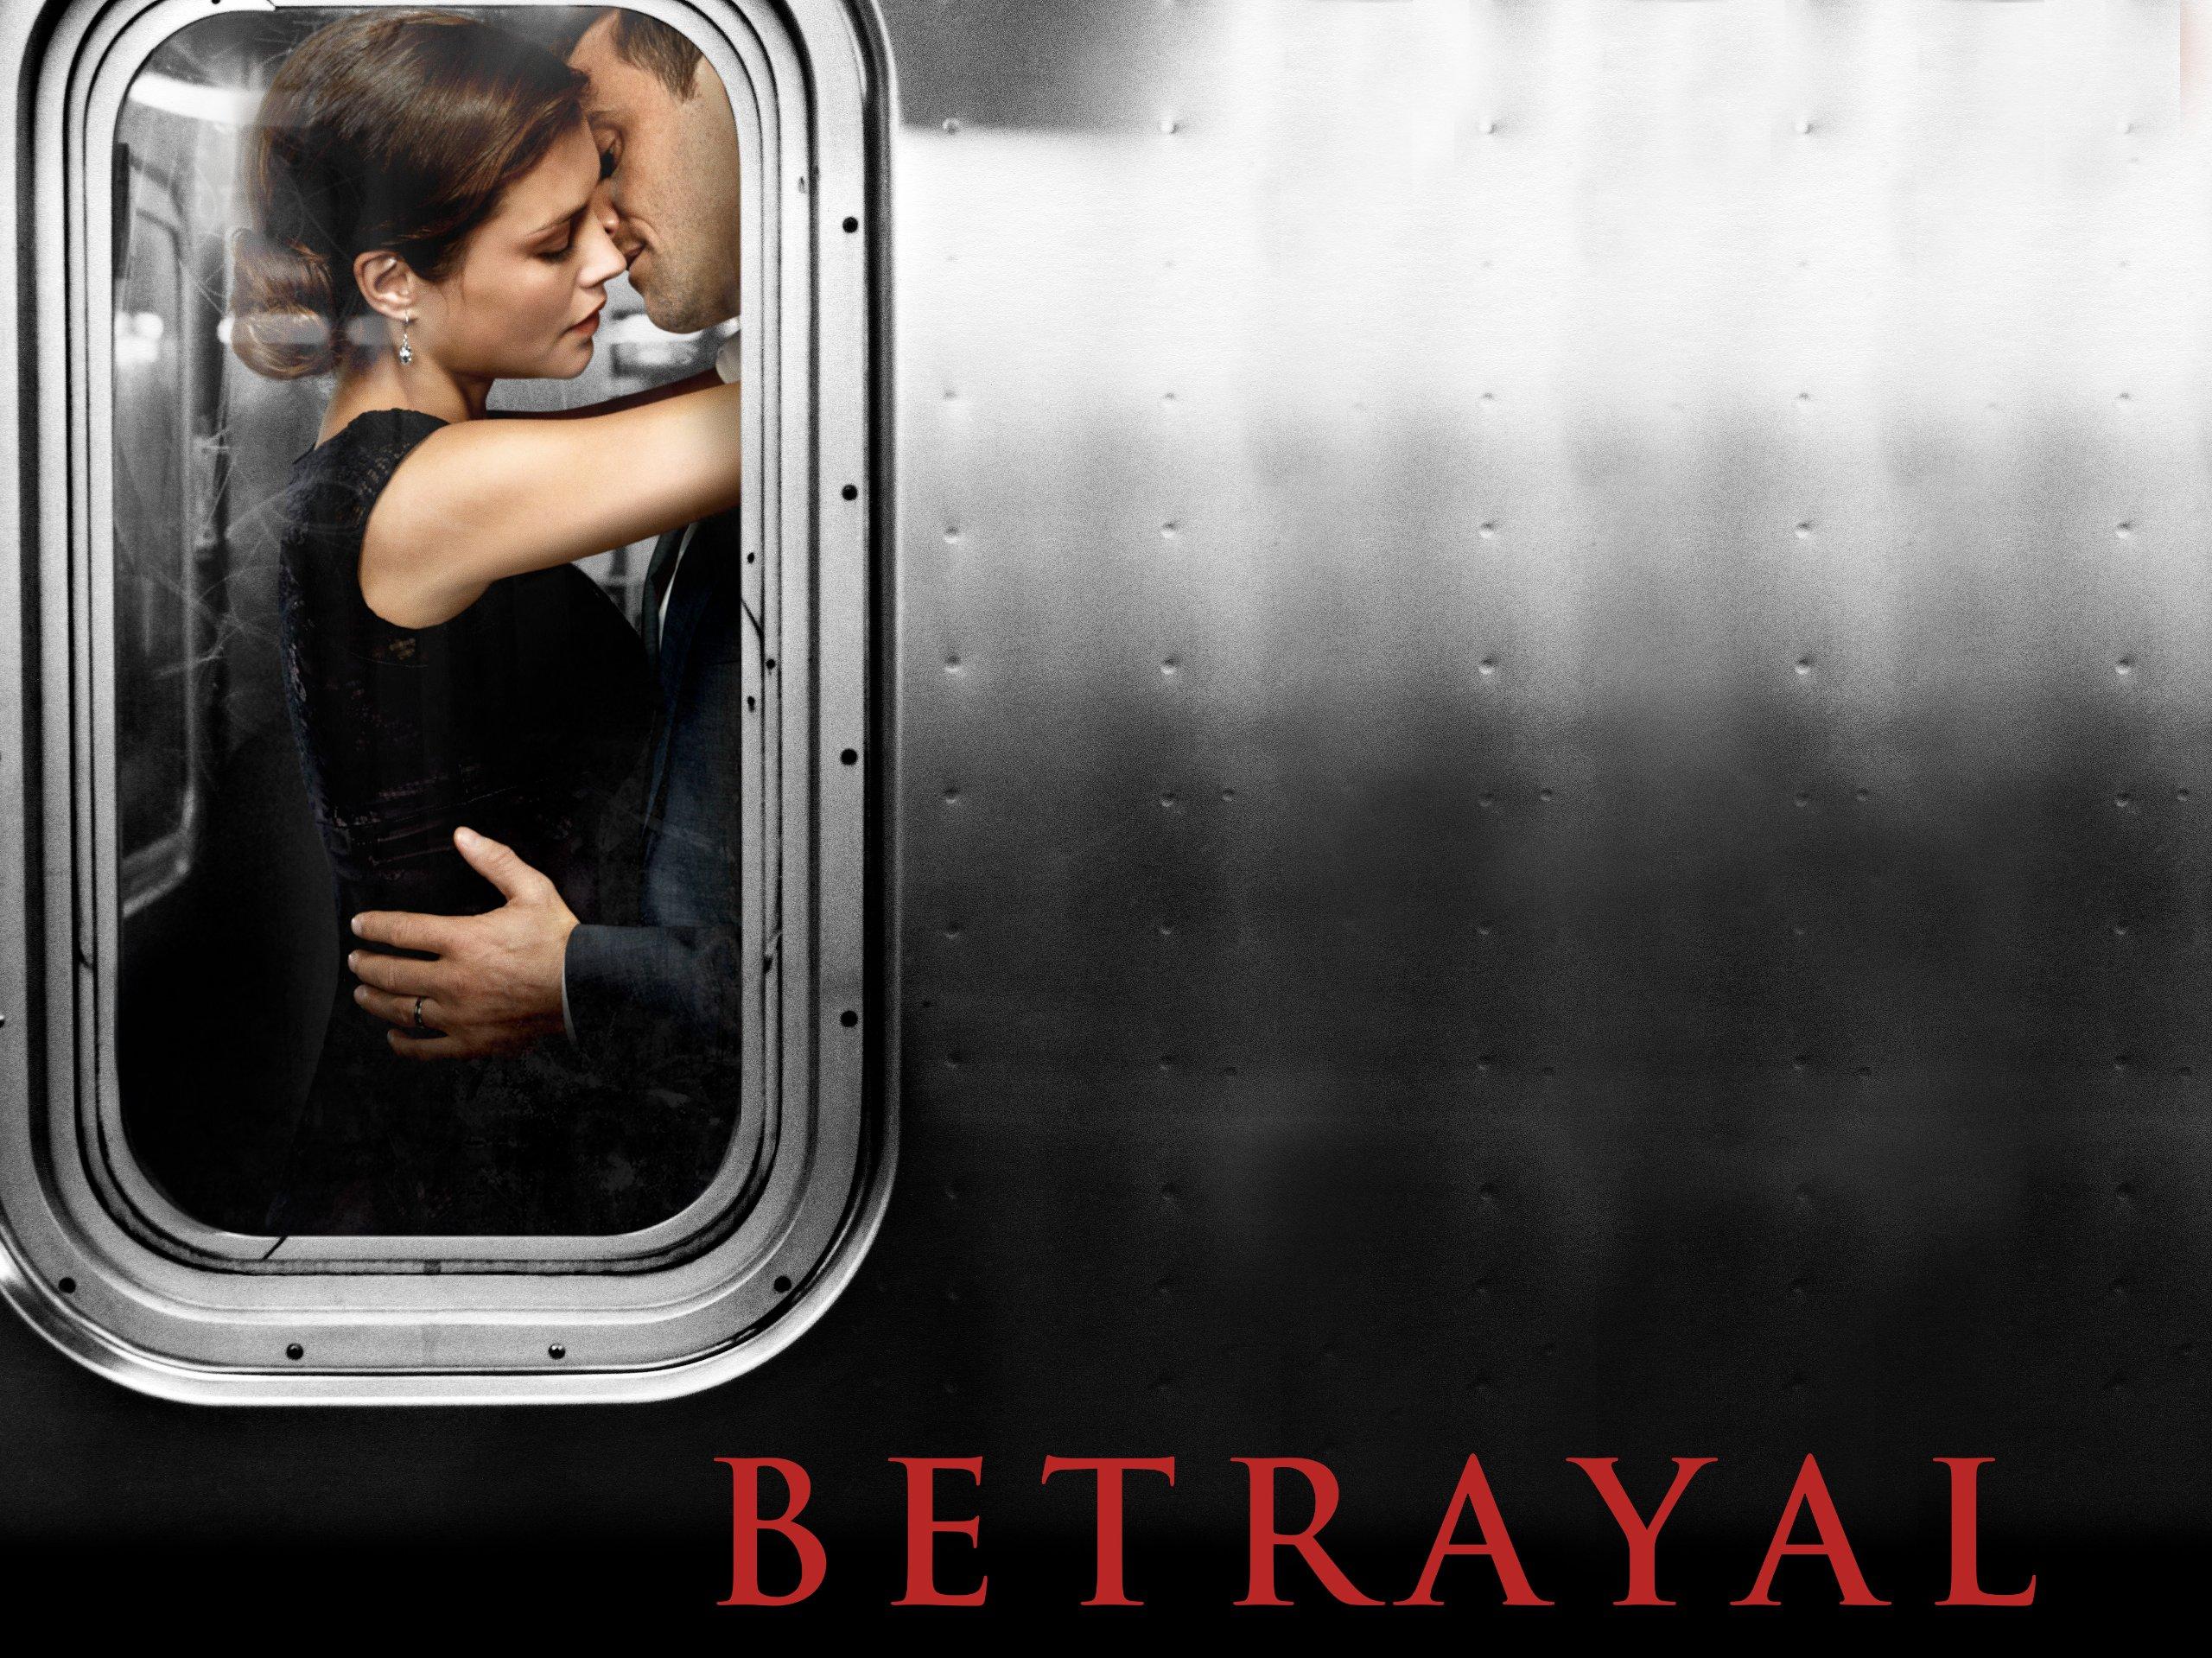 Watch Betrayal Season 1 | Prime Video